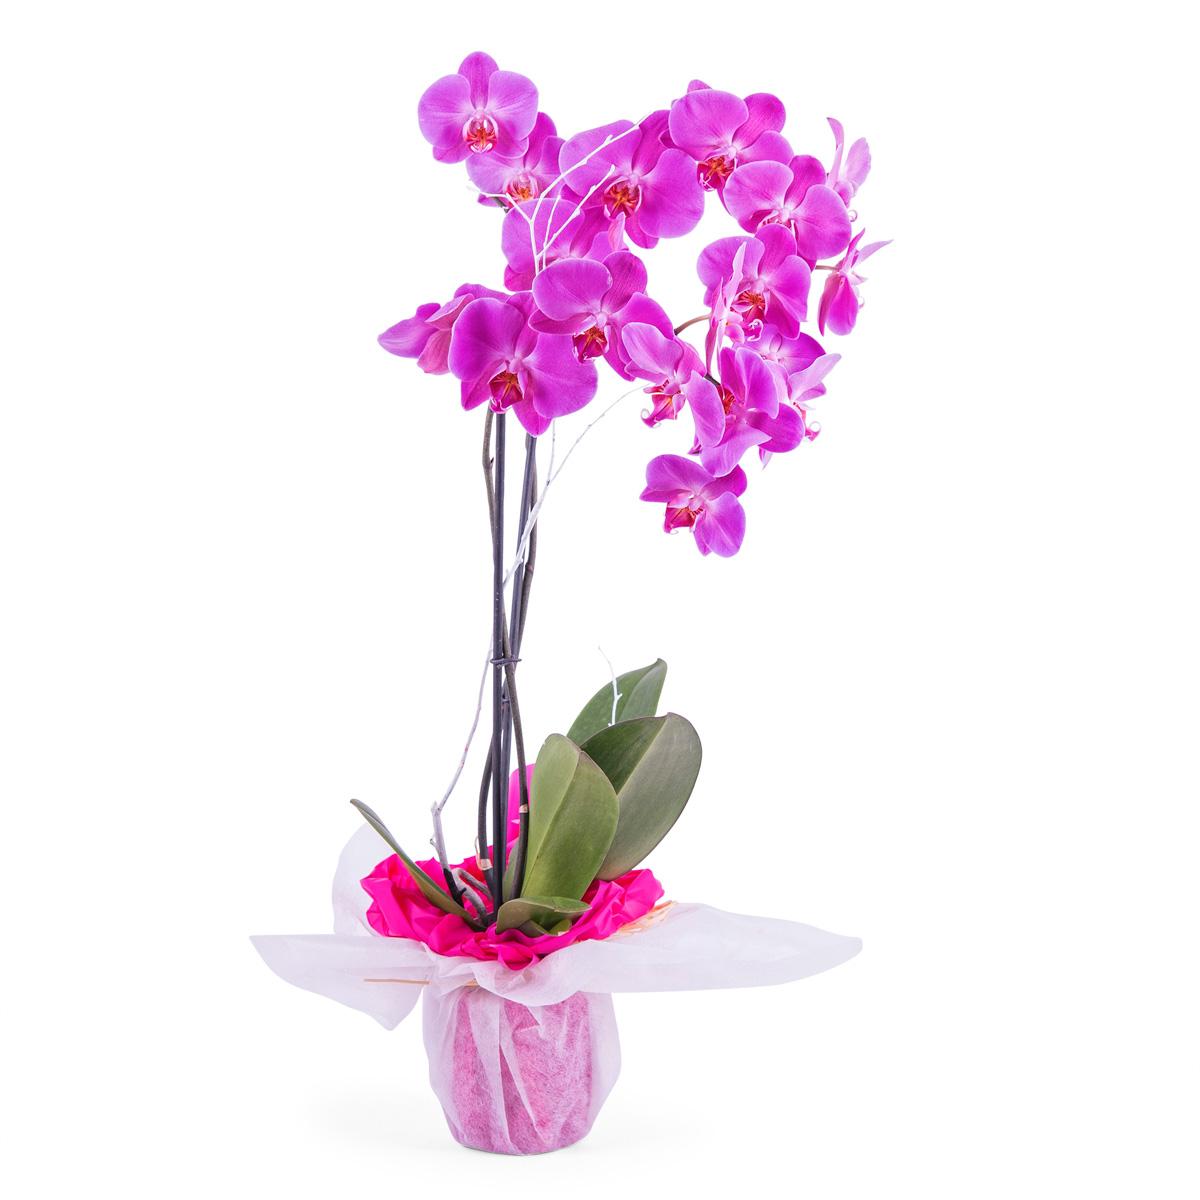 Planta de orquidea - ?ndico - Env?o de Flores a Domicilio